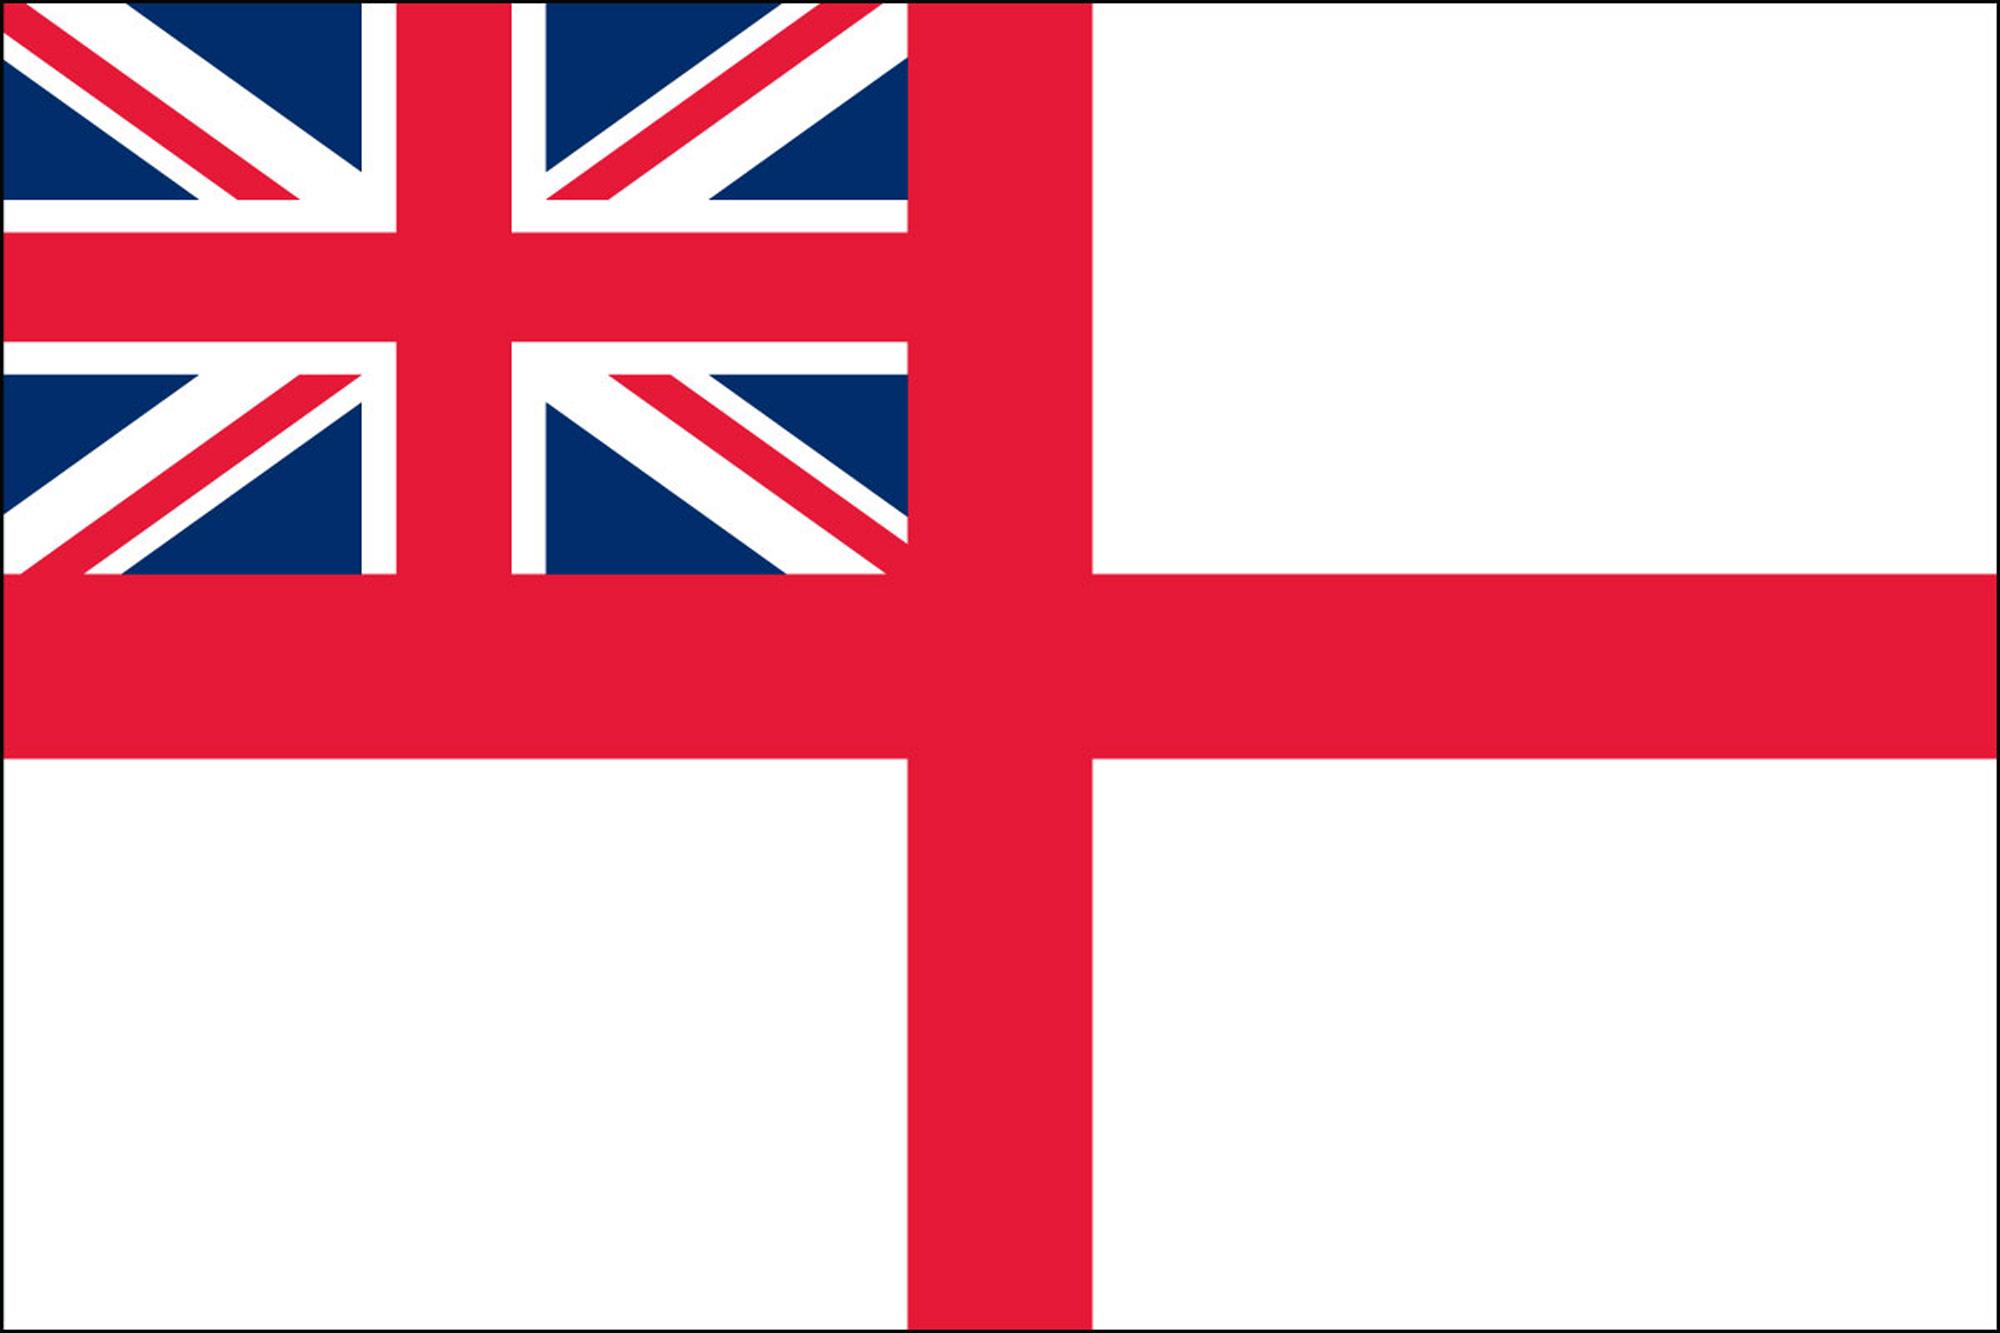 British Navy Flags